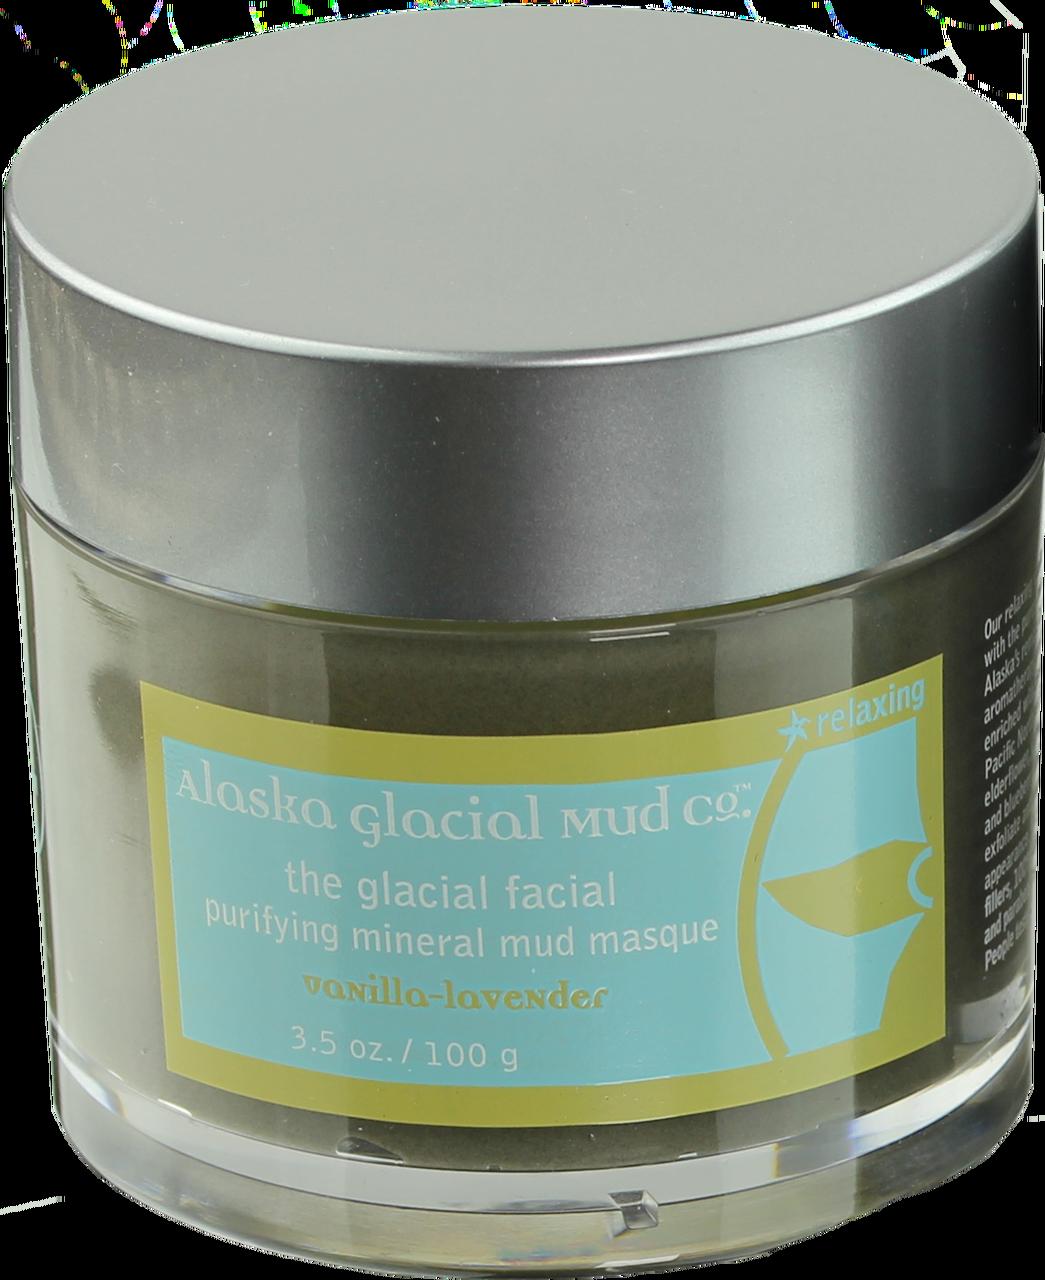 Glacial Facial Purifying Mineral Mud Masque - VANILLA-LAVENDER